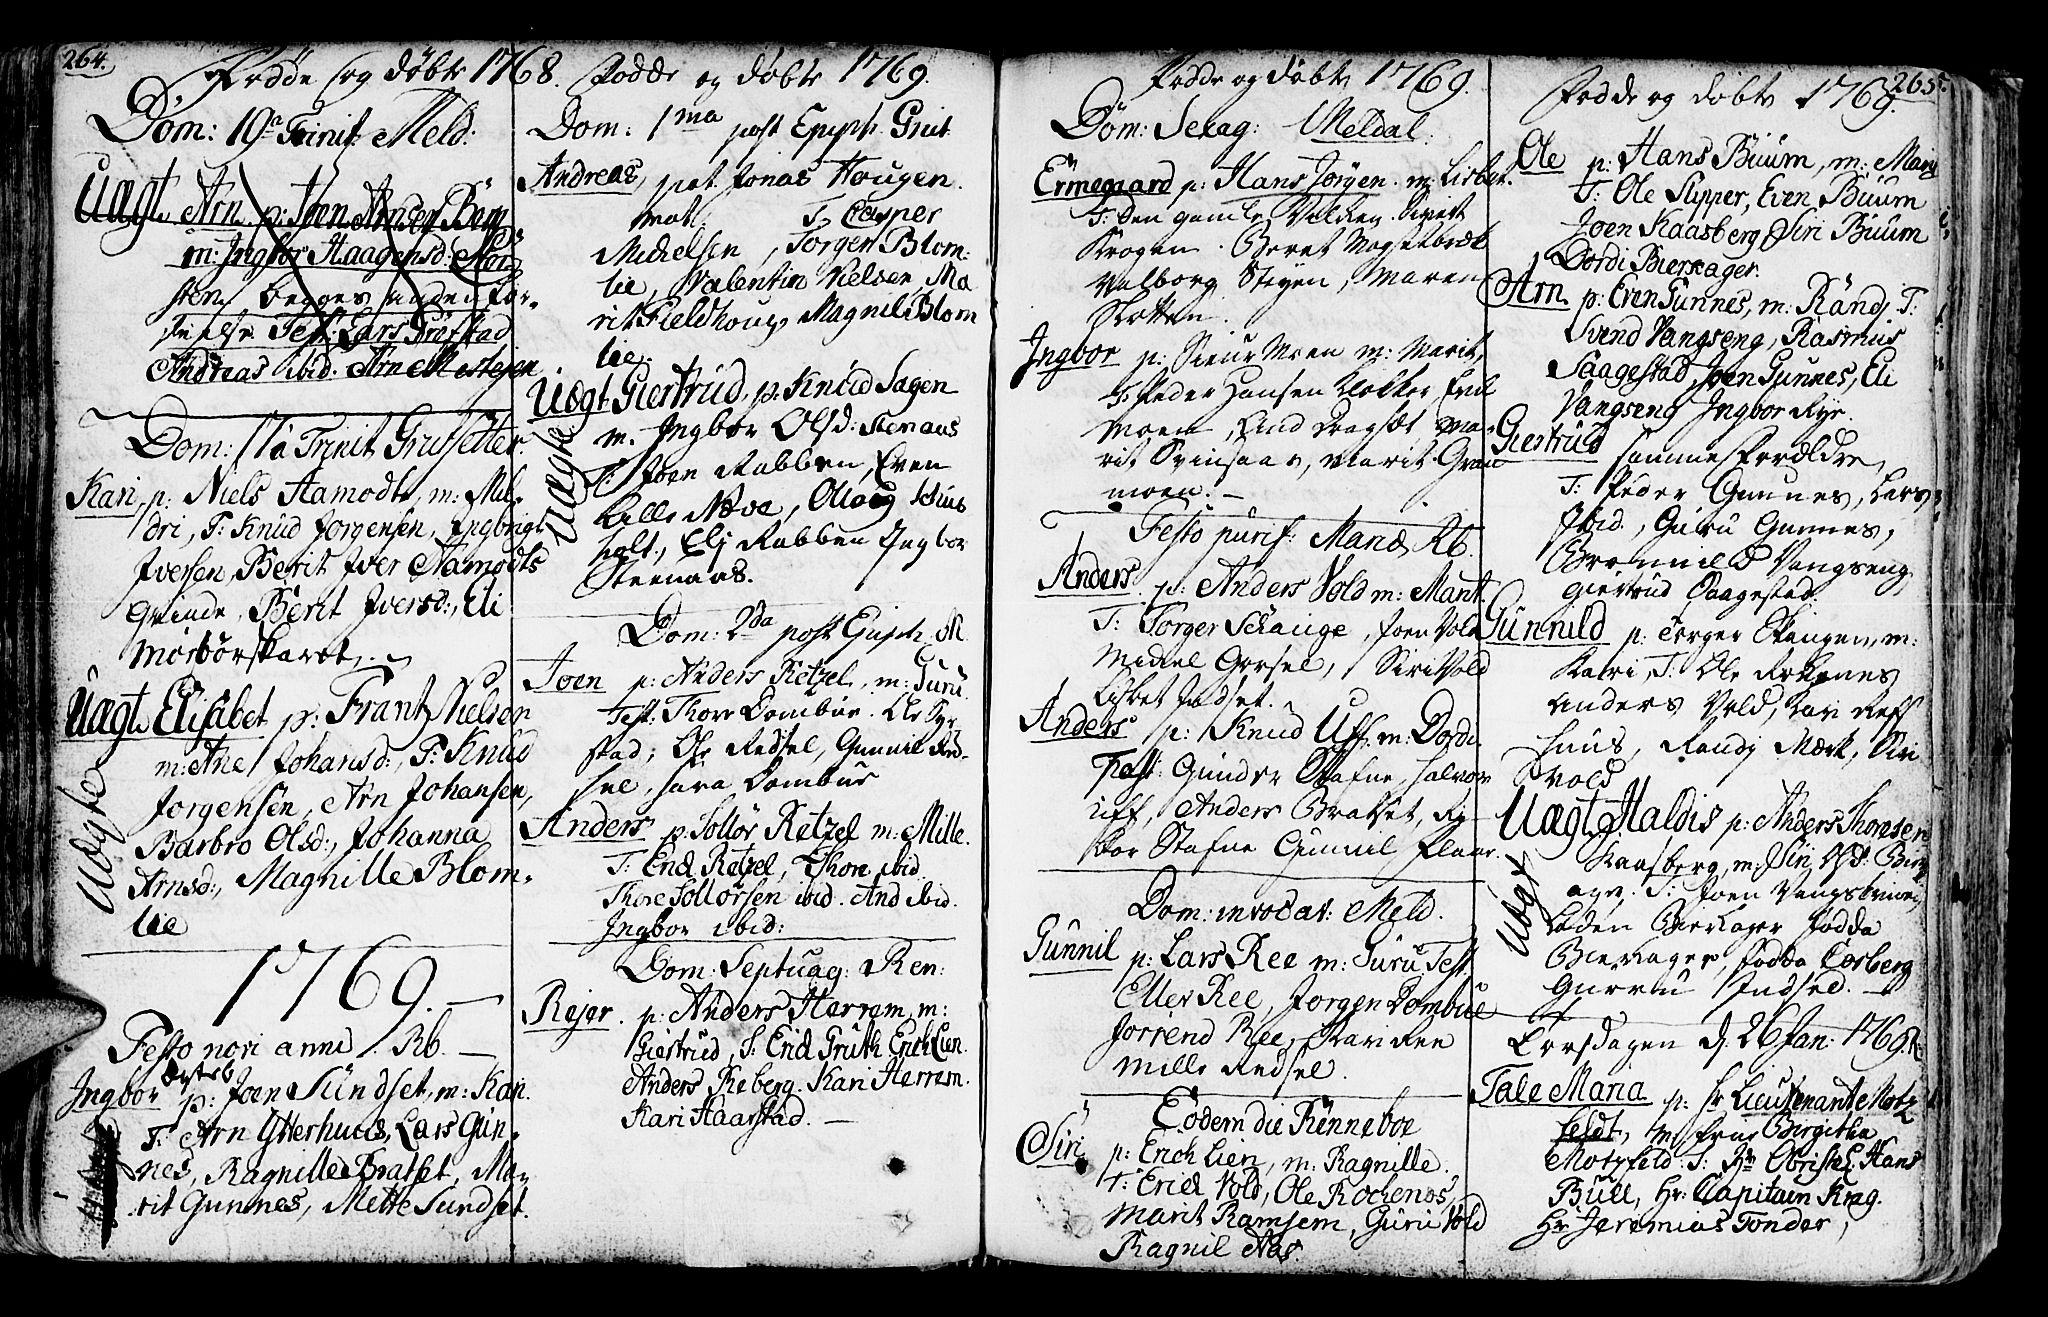 SAT, Ministerialprotokoller, klokkerbøker og fødselsregistre - Sør-Trøndelag, 672/L0851: Ministerialbok nr. 672A04, 1751-1775, s. 264-265